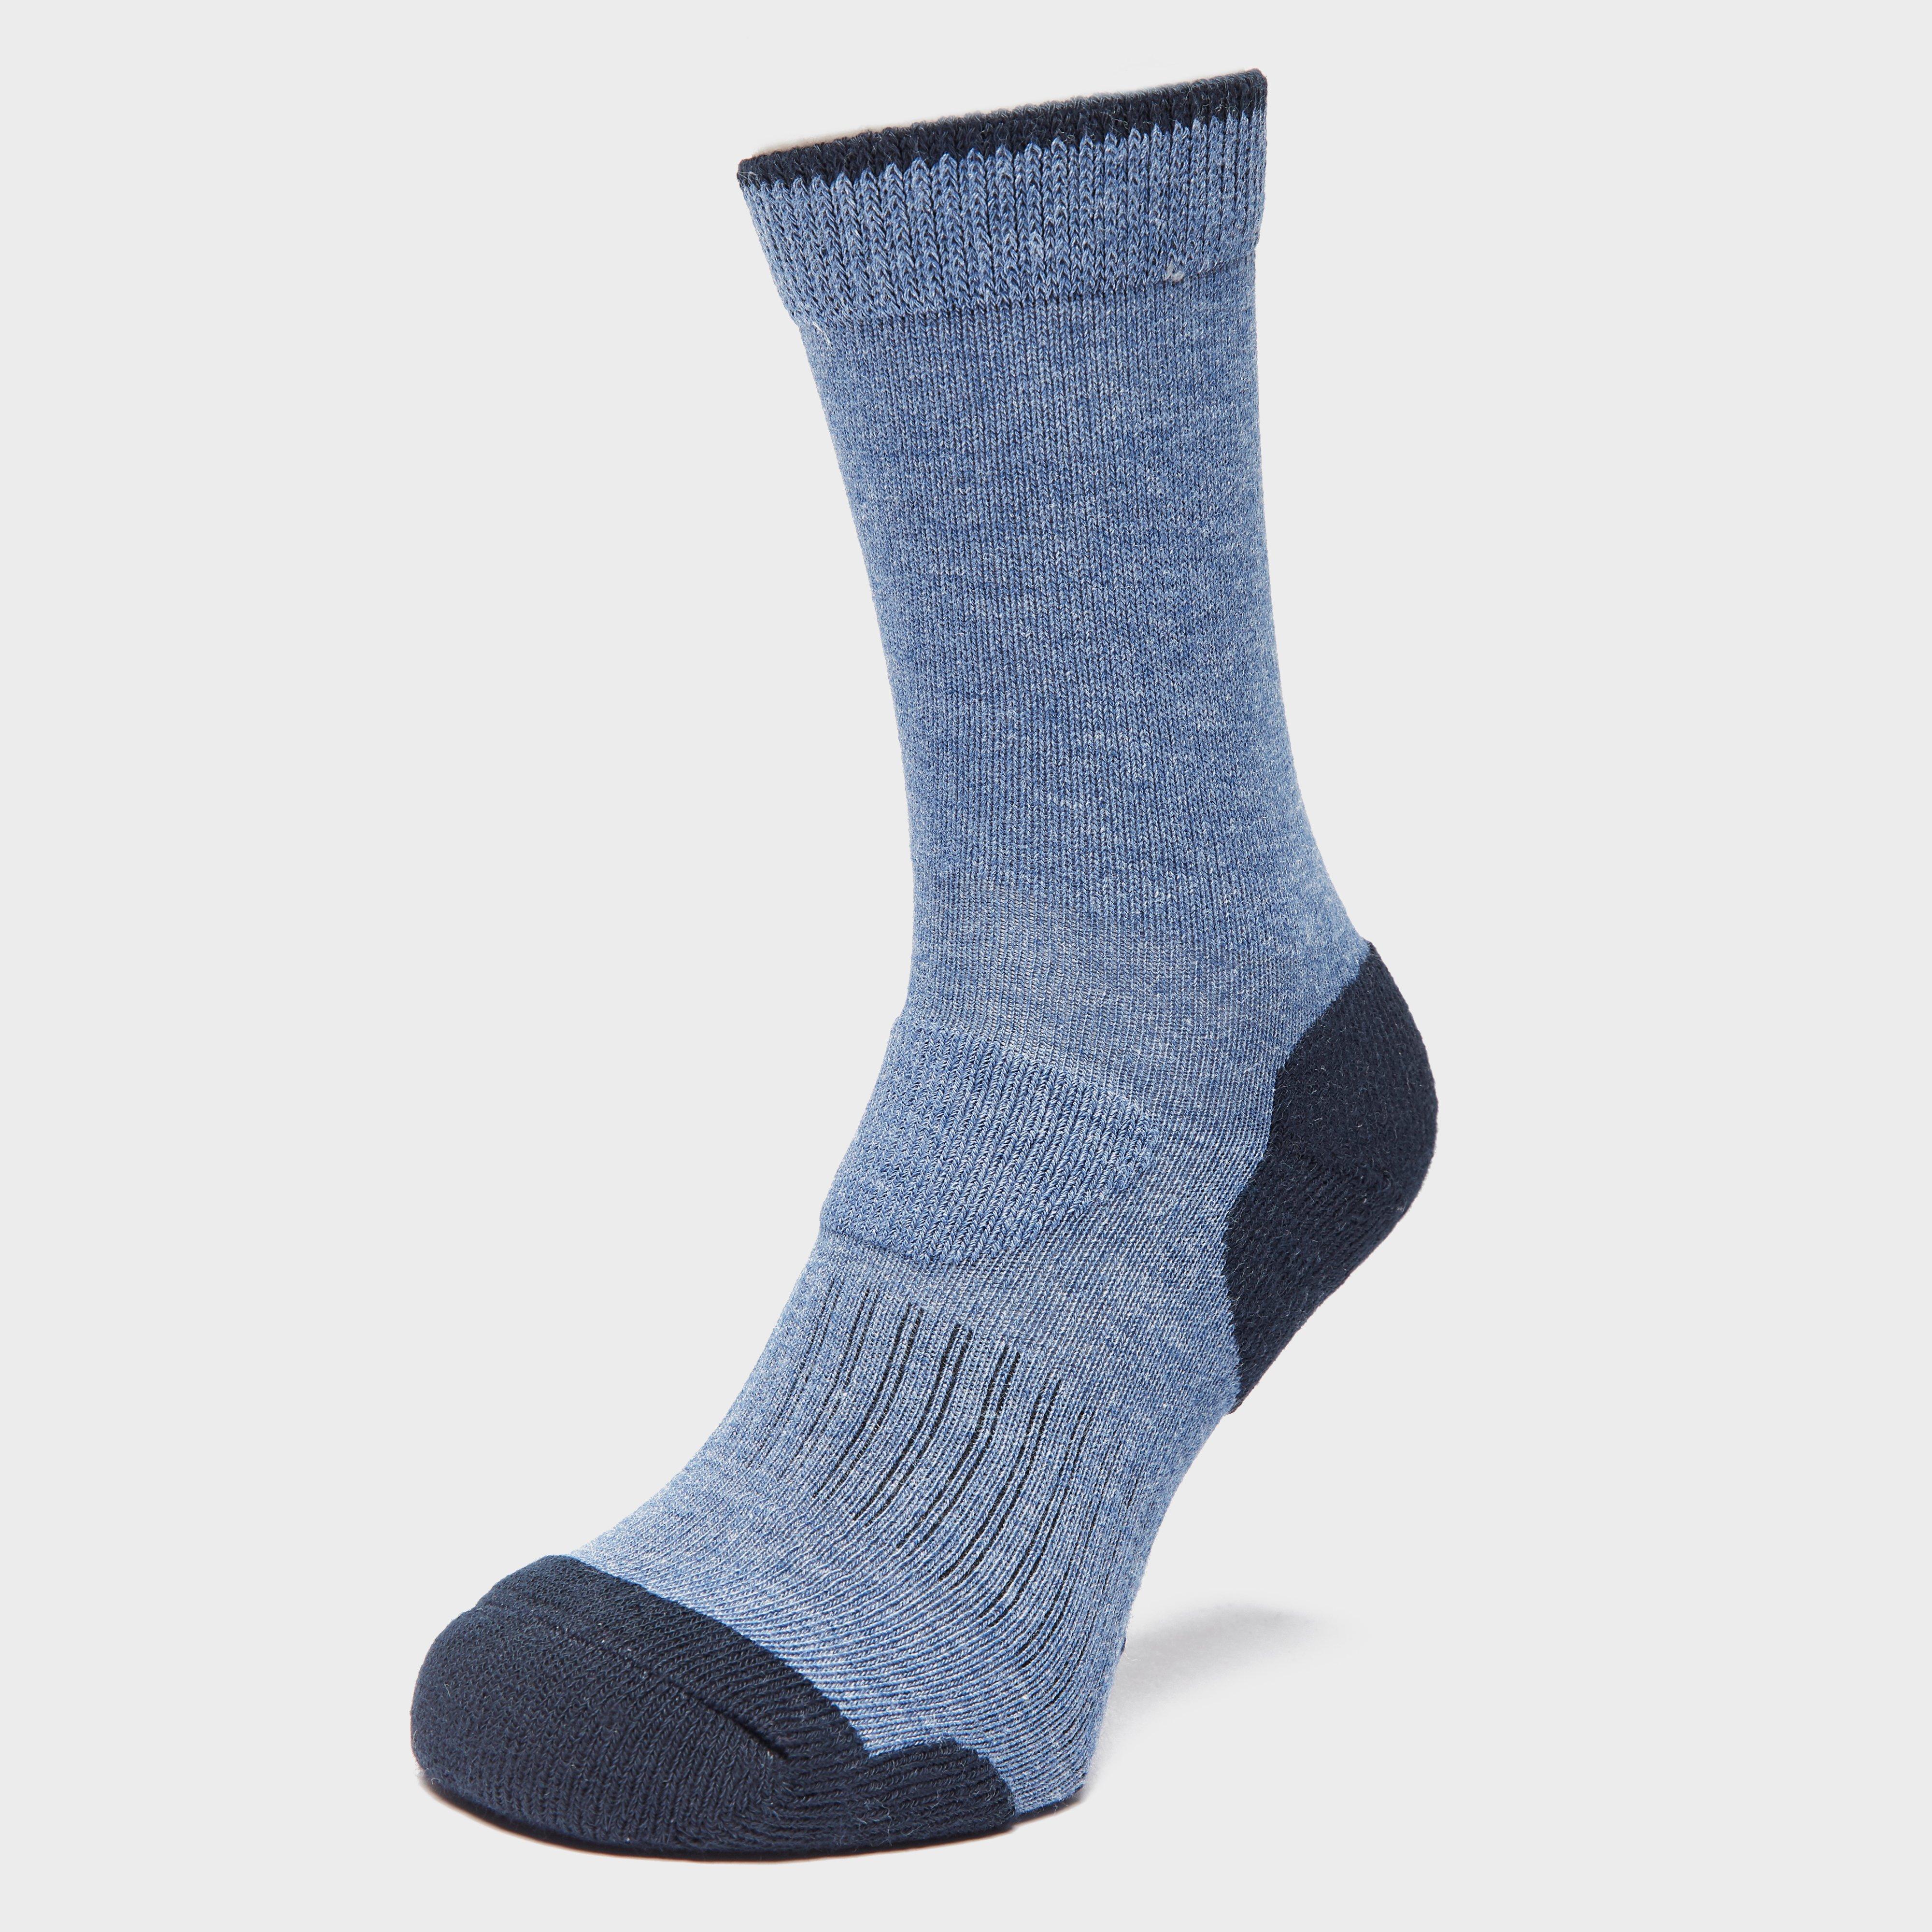 Brasher Brasher Womens Light Hiker Socks - Blue, Blue